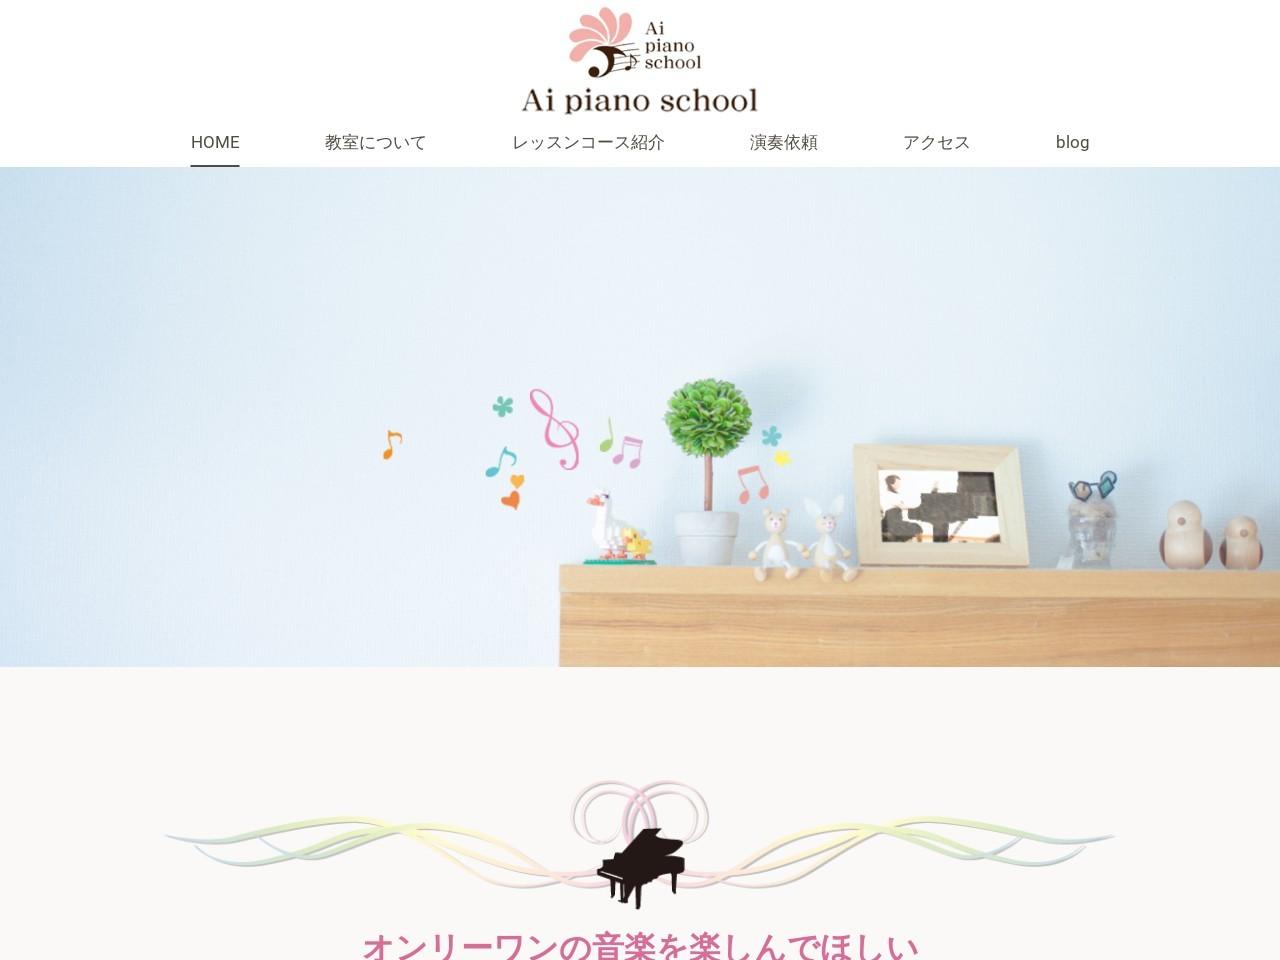 アイピアノ教室のサムネイル